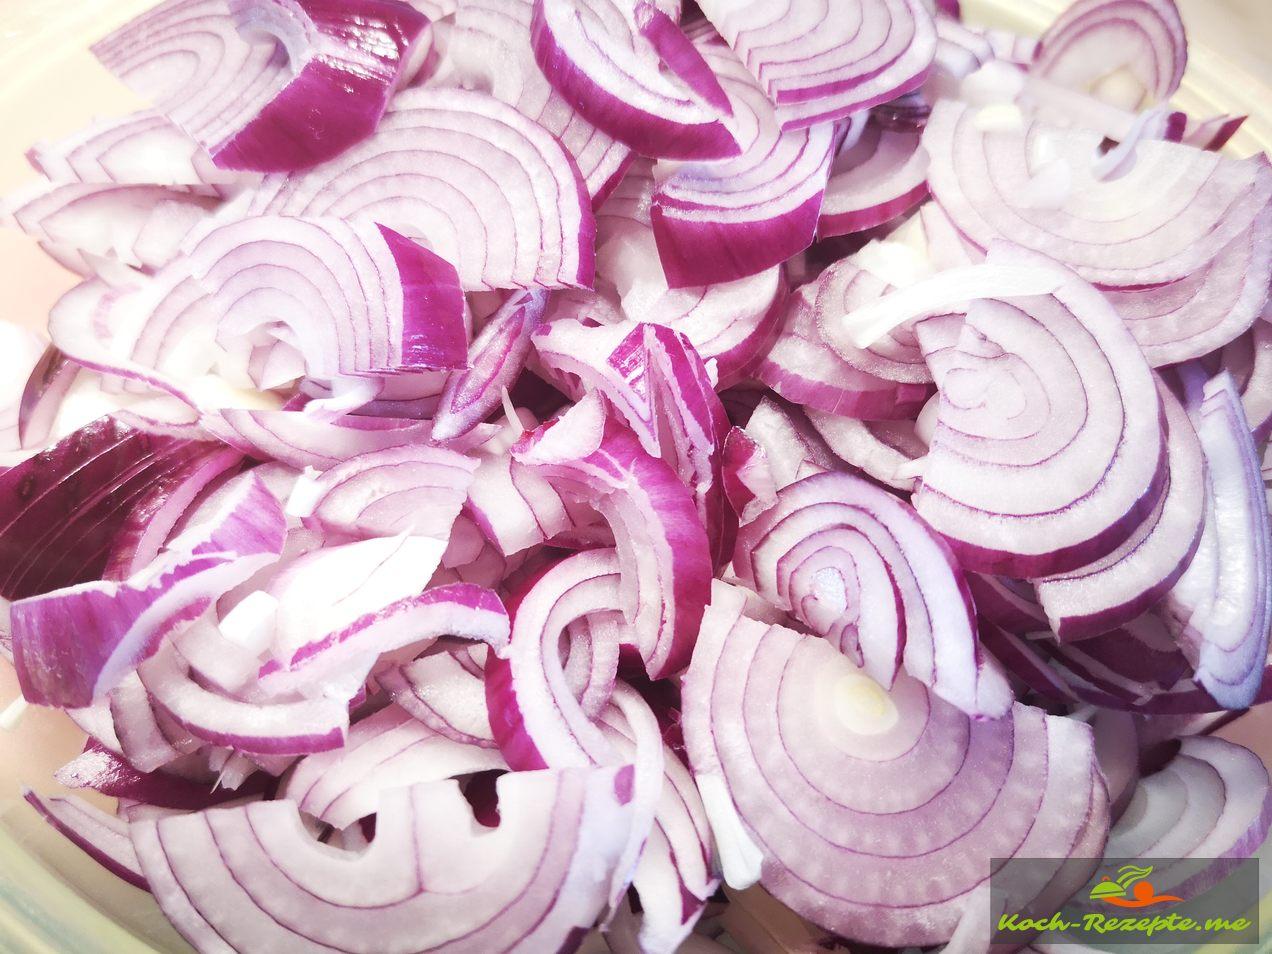 Fein geschnittene Zwiebeln